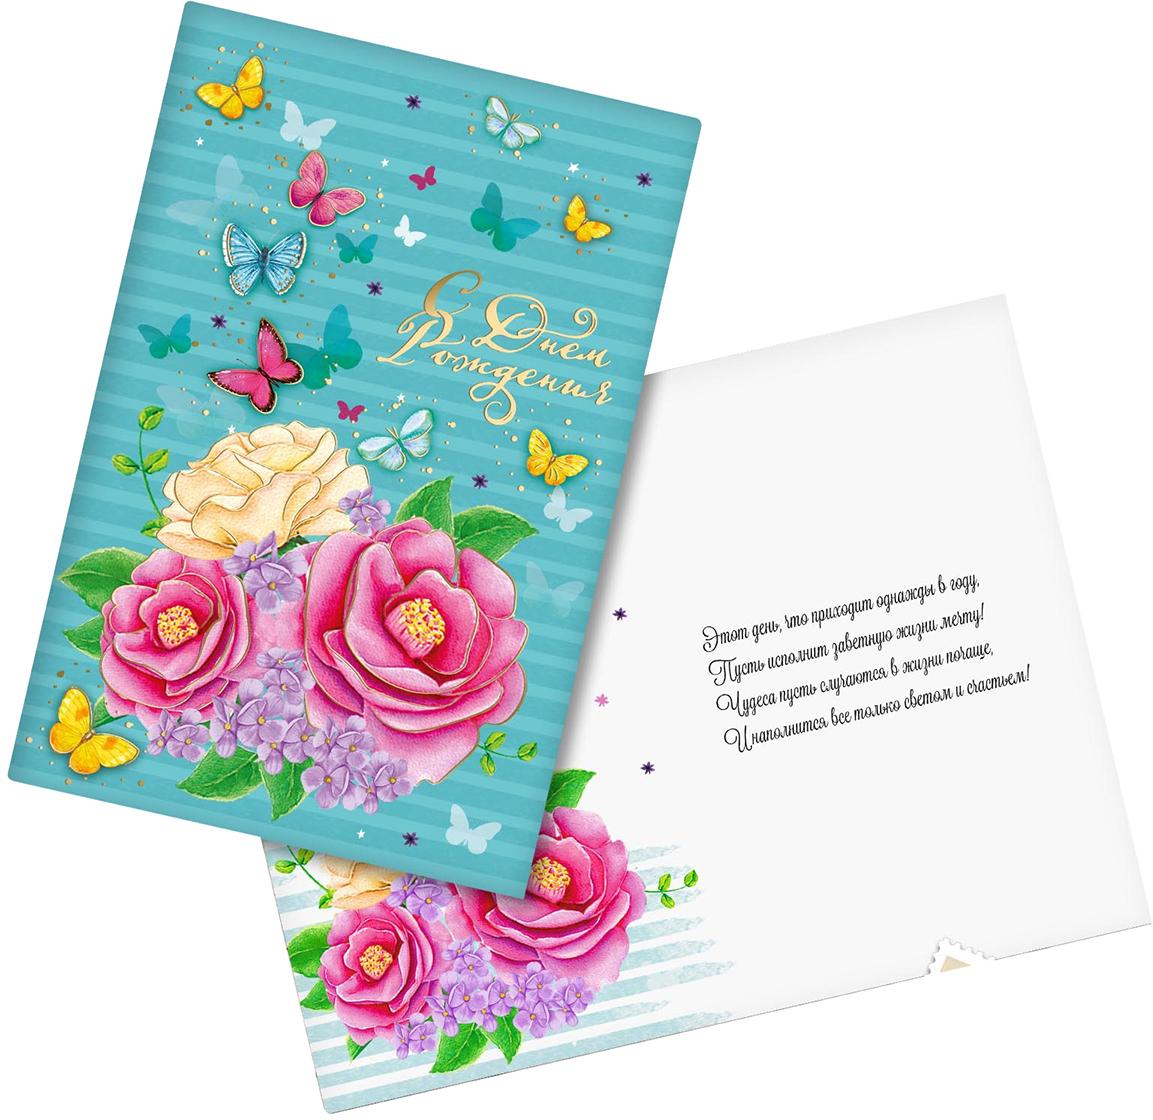 Открытка Дарите Счастье С днем рождения. Бабочки и цветы, с тиснением, 12 х 18 см2896107Выразить свои чувства и дополнить основной подарок тёплыми словами вам поможет Открытка . С ней ваше пожелание «Счастья, любви и здоровья» приобретёт трепетный и душевный подтекст. А воспоминания о праздничном дне ещё долго будут радовать адресата.Среди нашего ассортимента печатной поздравительной продукции вы выберете открытку для любого праздника и повода.